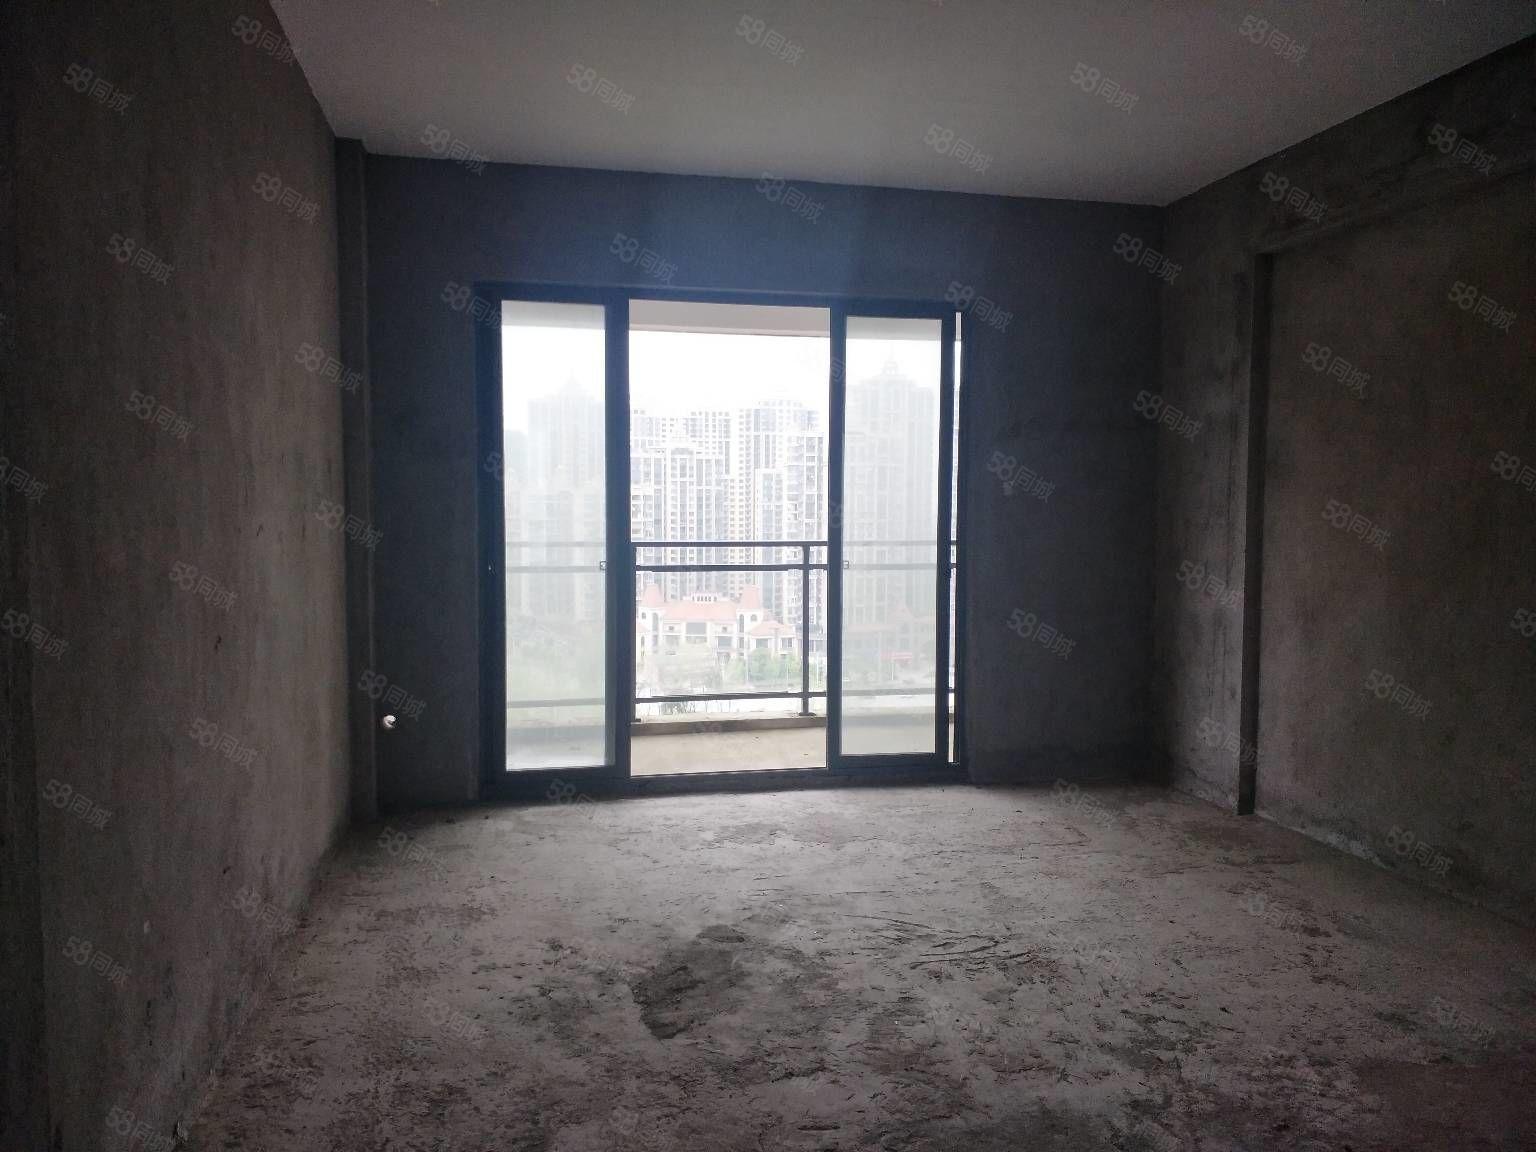 锦江名城超大复式楼超大面积带大露台仅售81万